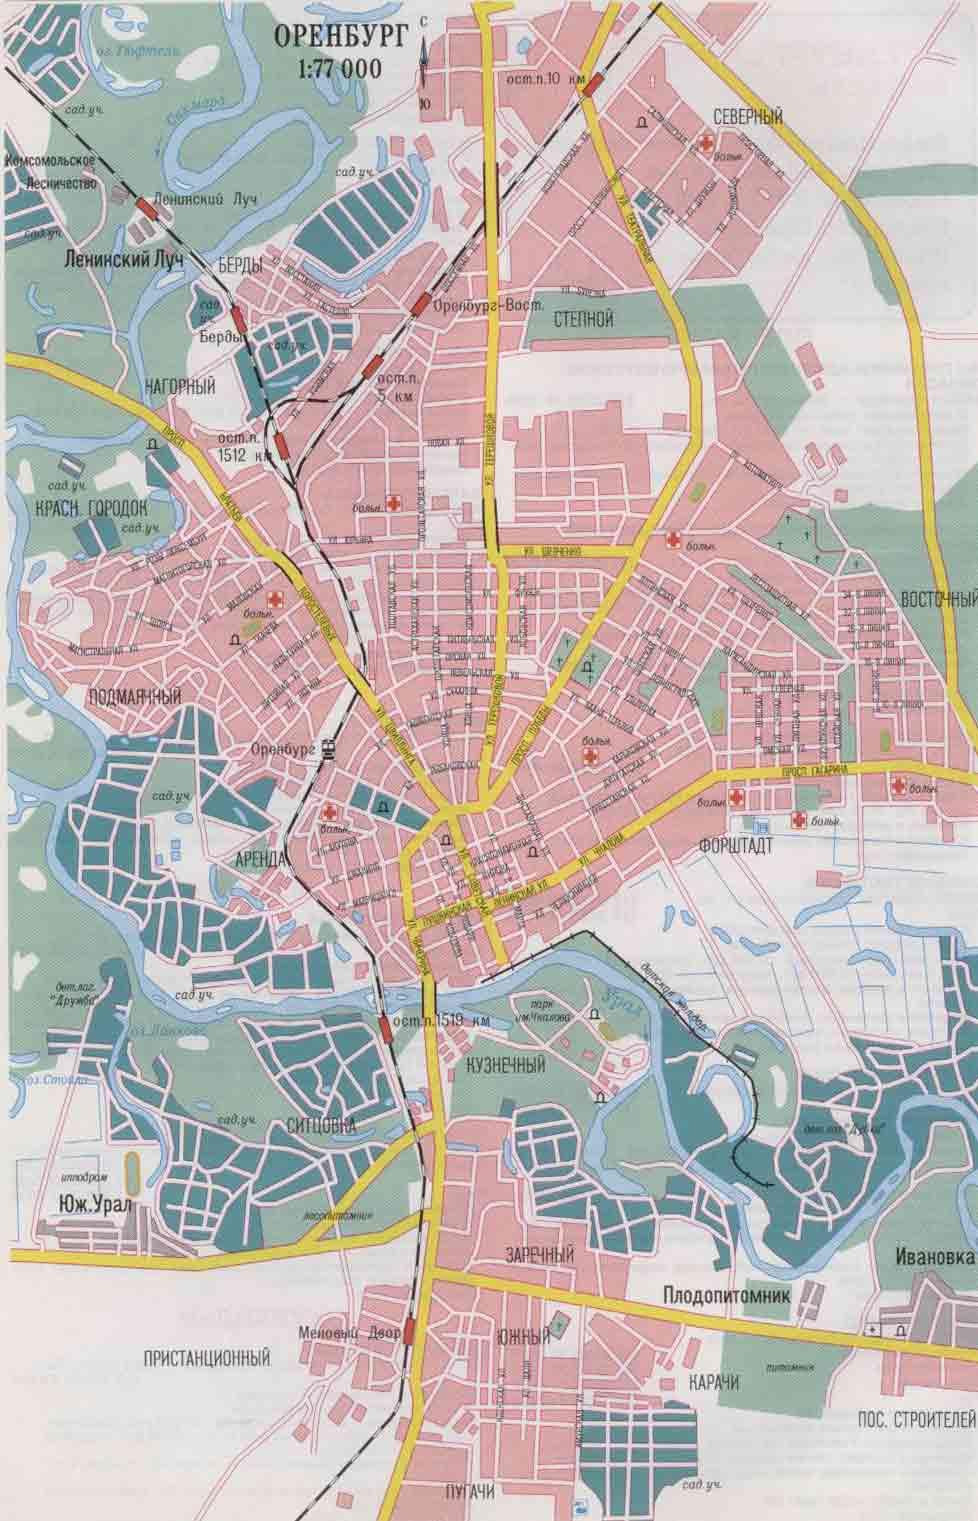 Скачать карту майнкрафт город - f8